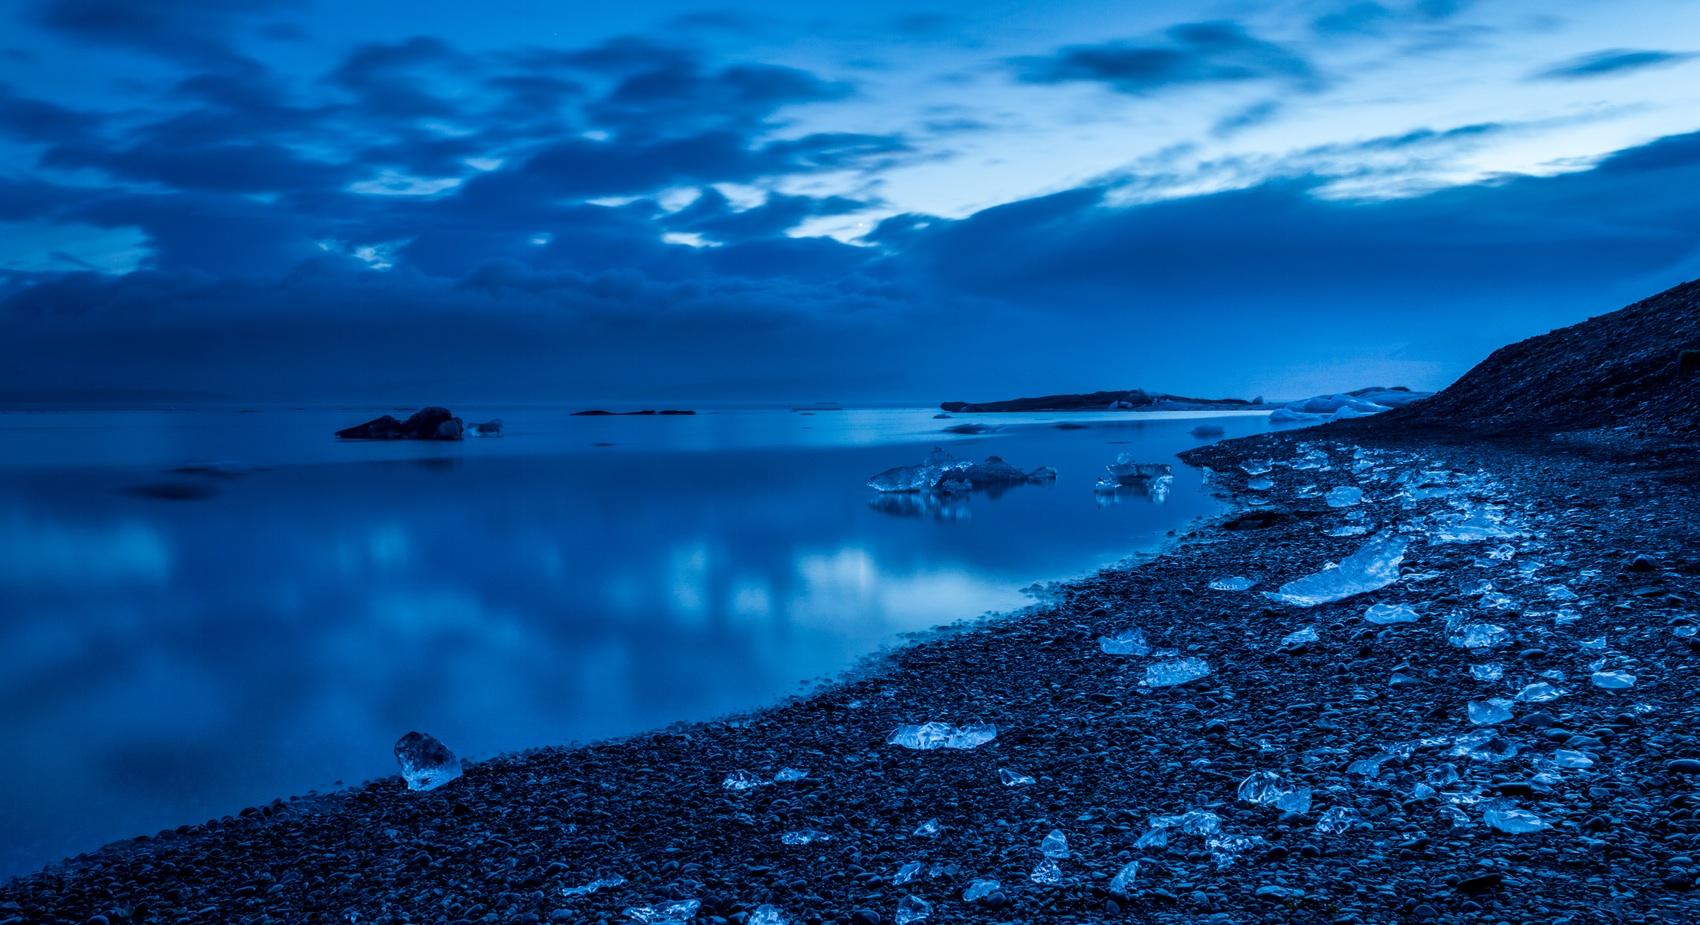 Jökulsárlón, Iceland - Pierre Bouillot